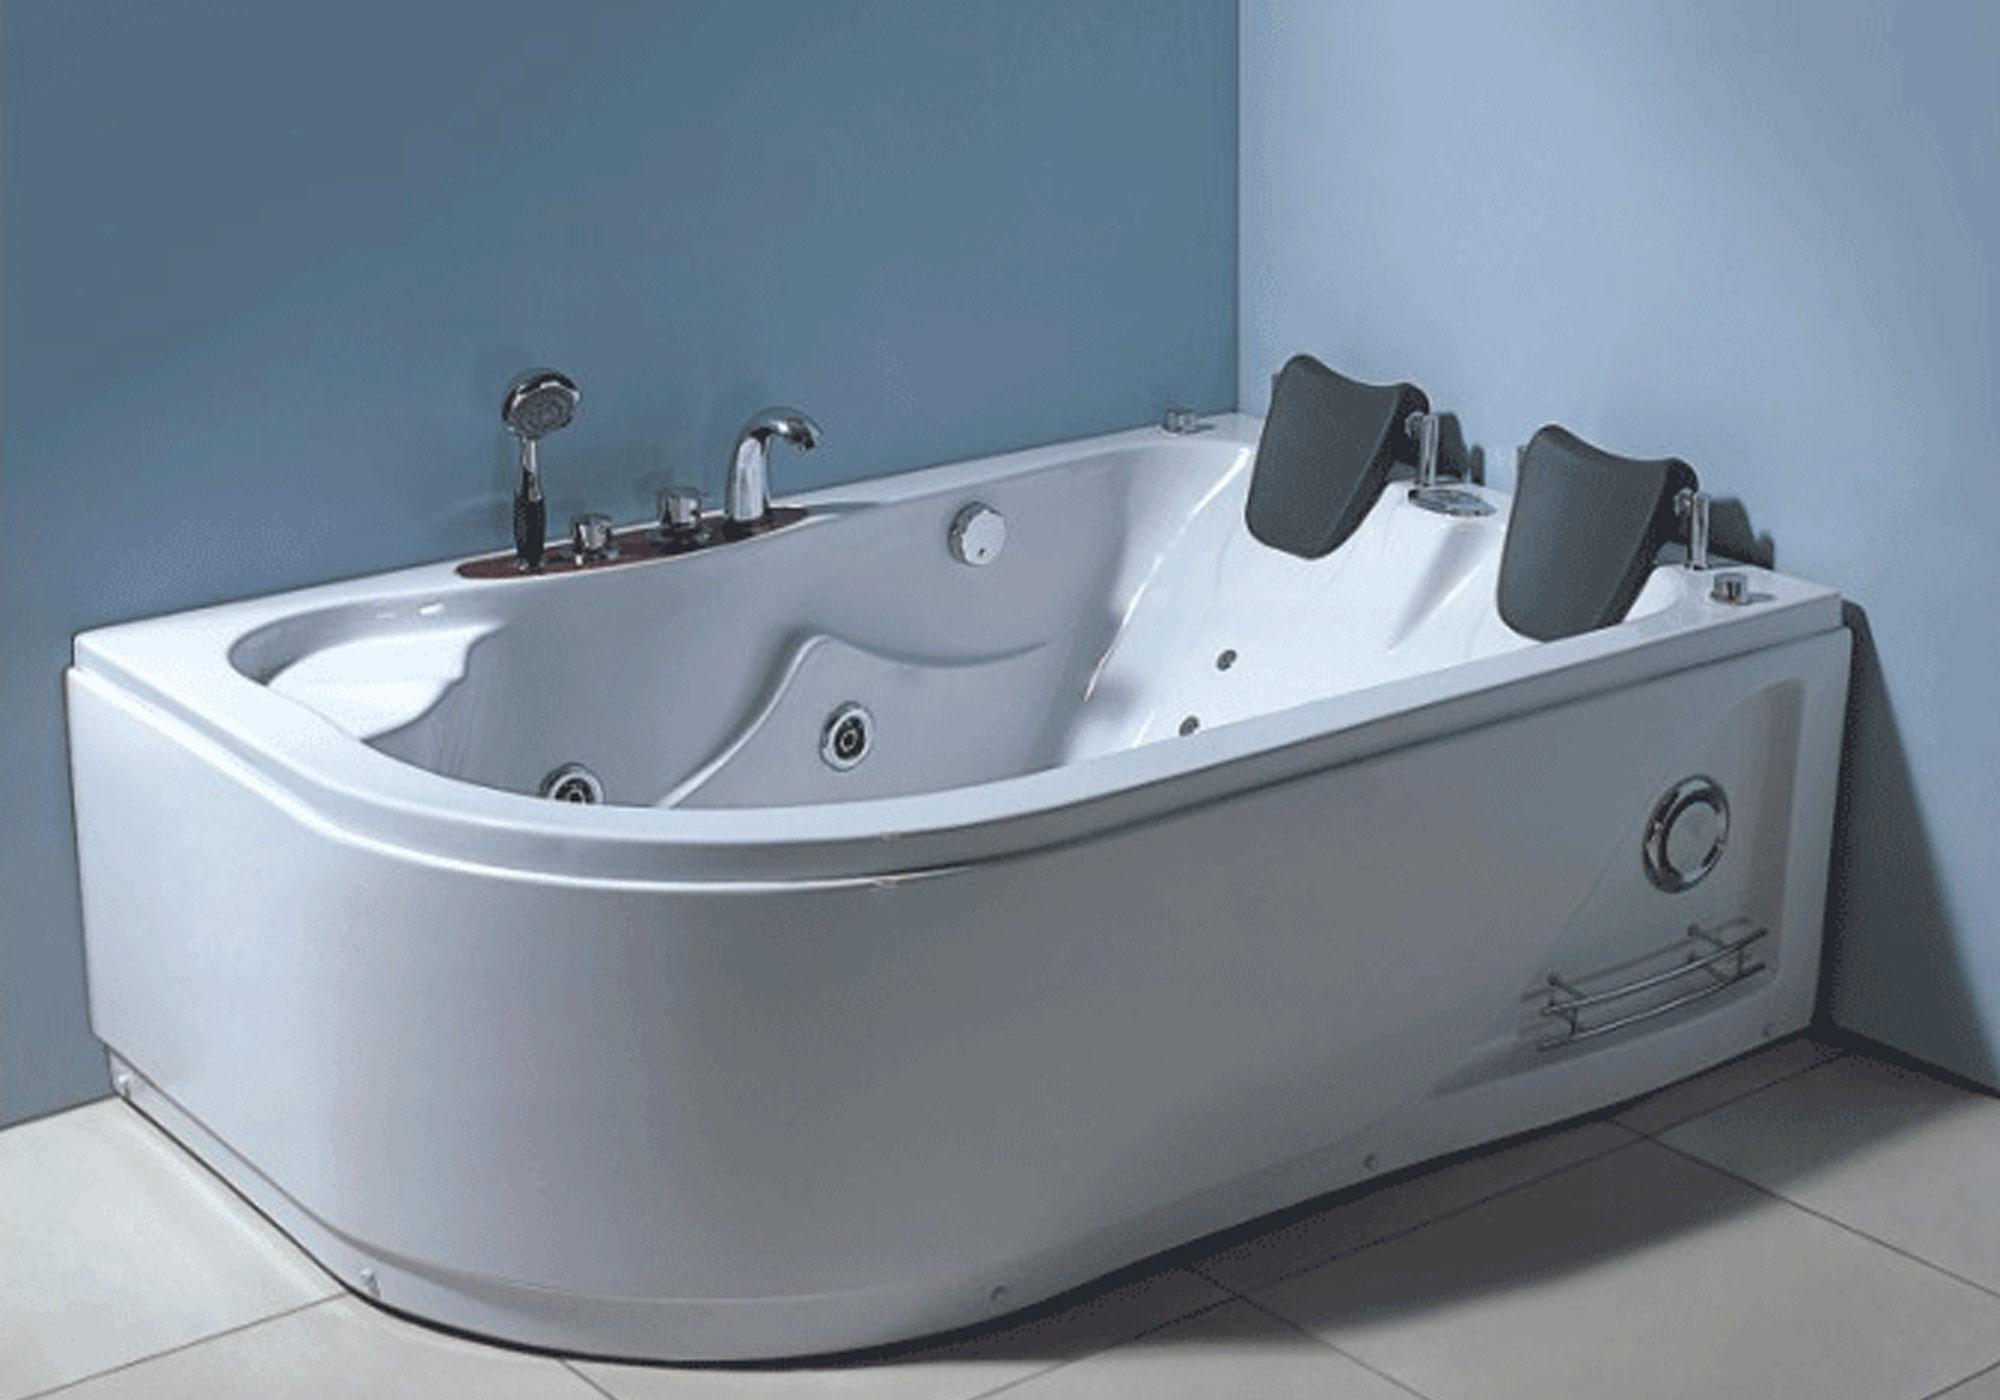 Vasca idromassaggio angolare 170 x 115 cm per 2 persone varadero - Vasche bagno angolari ...